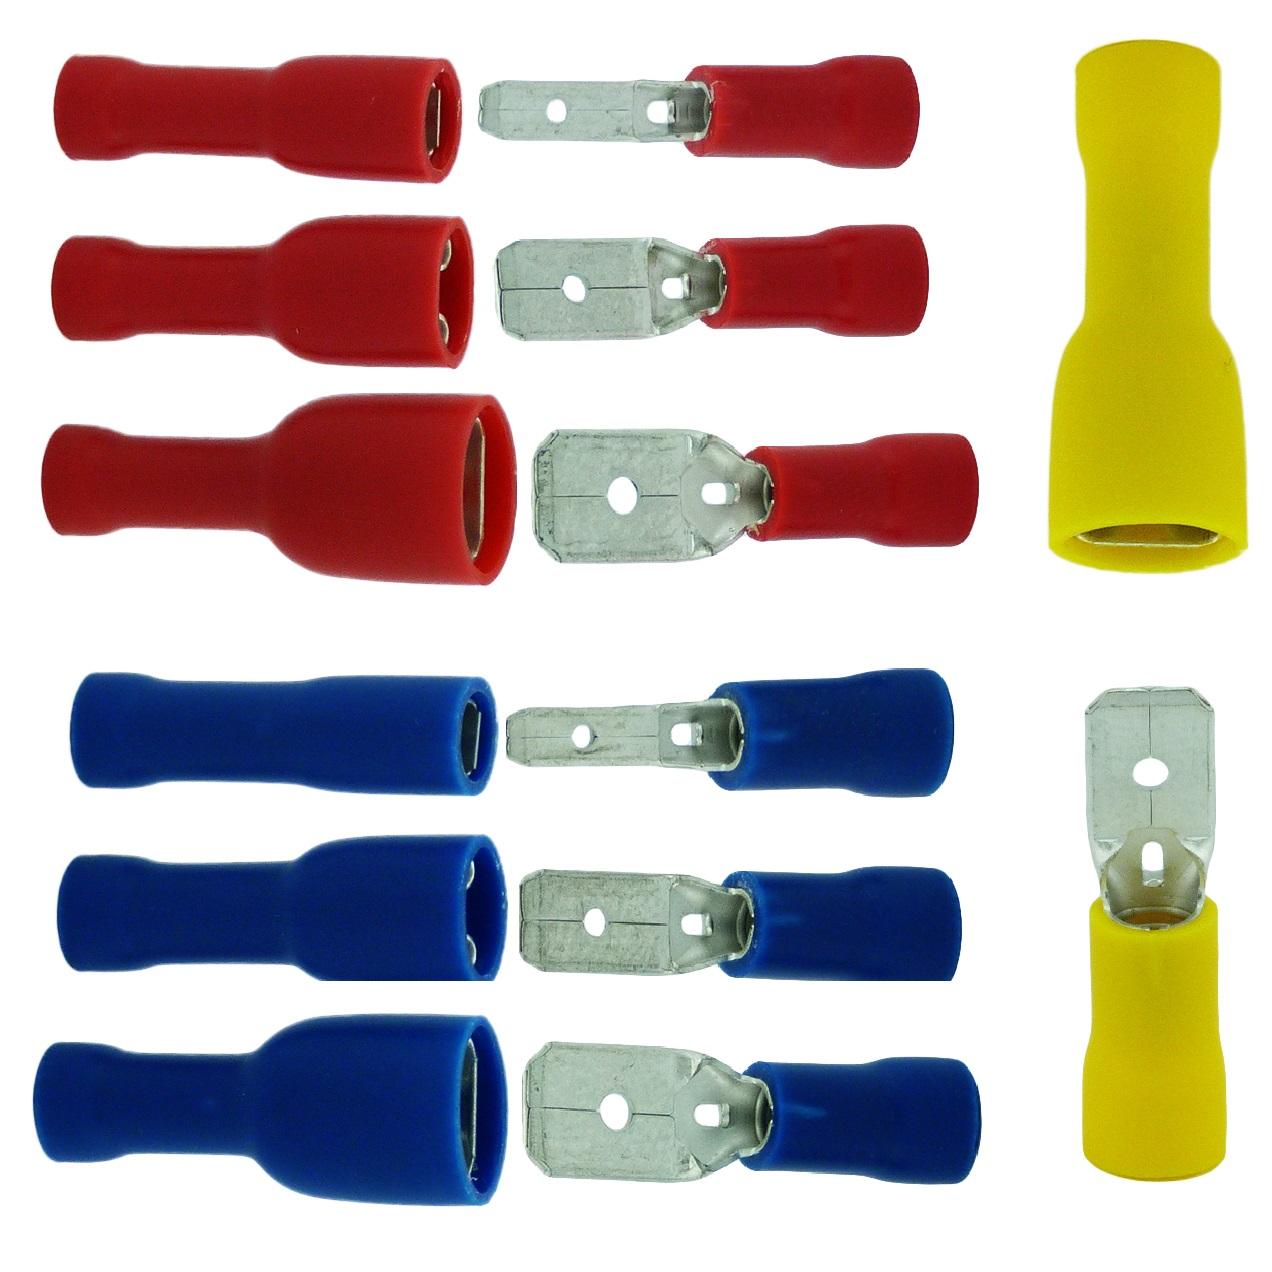 Flachsteckhülsen Blau 0,8x4,75mm 50 Stück für Kabel 1,5-2,5mm²  Kabelschuhe